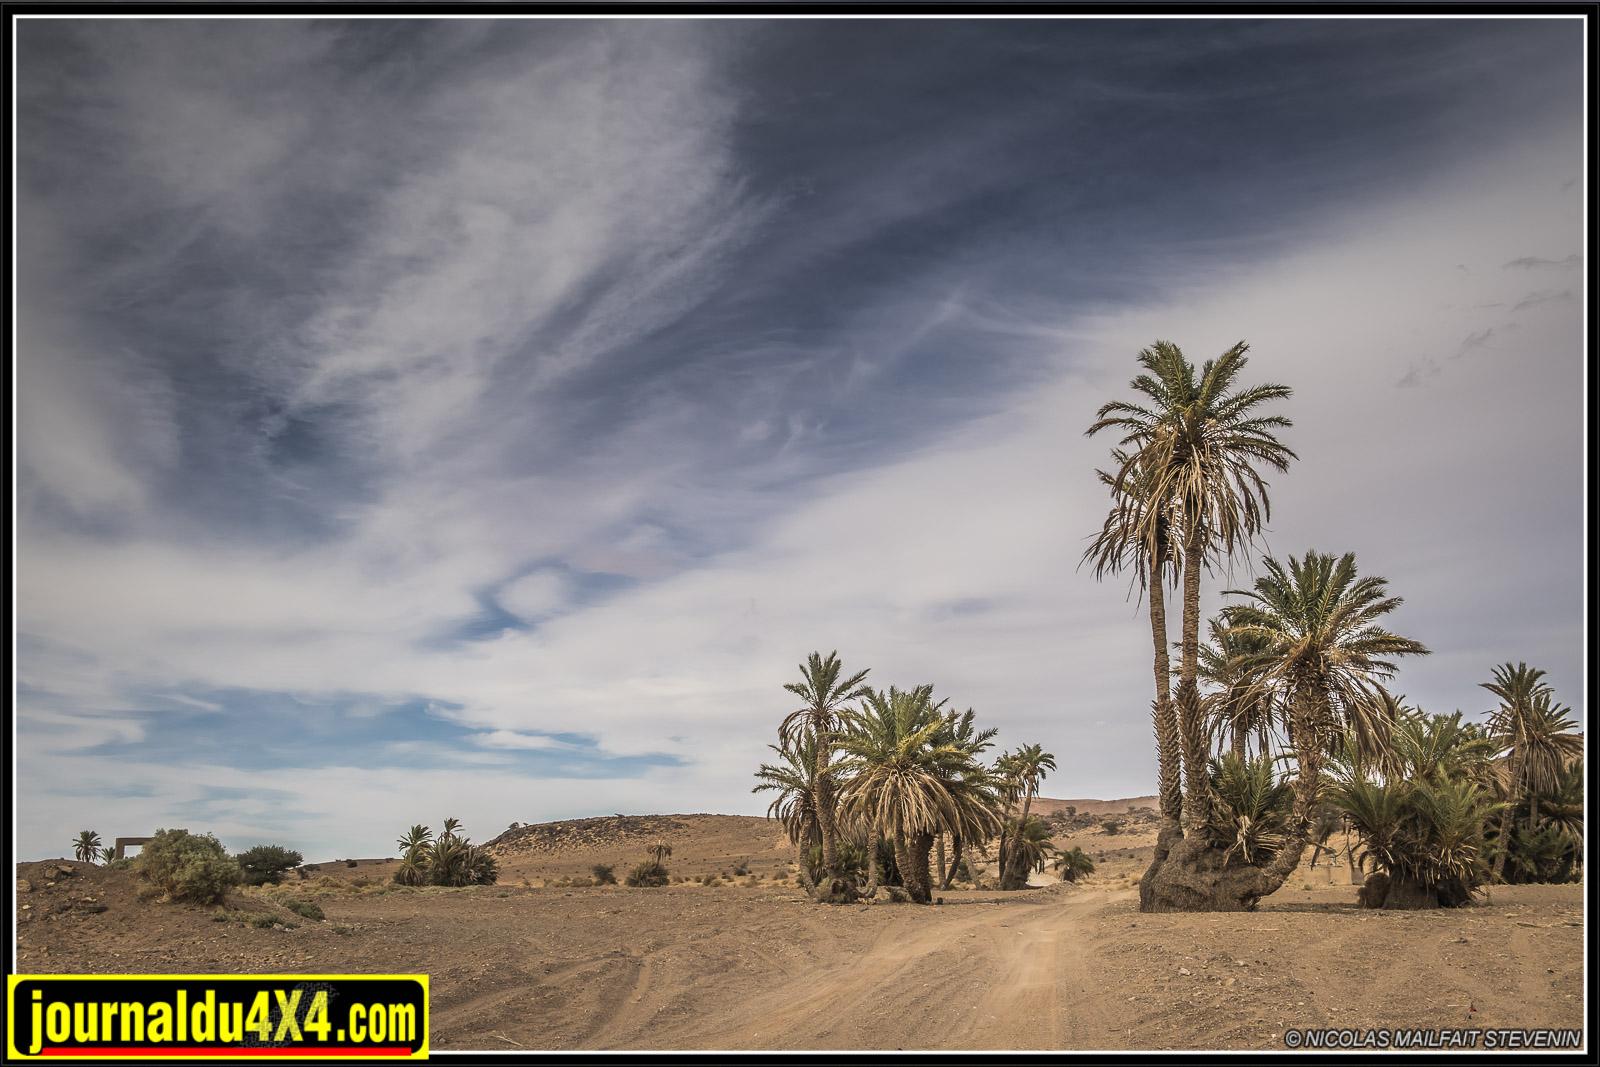 rallye-aicha-gazelles-maroc-2017-6813.jpg